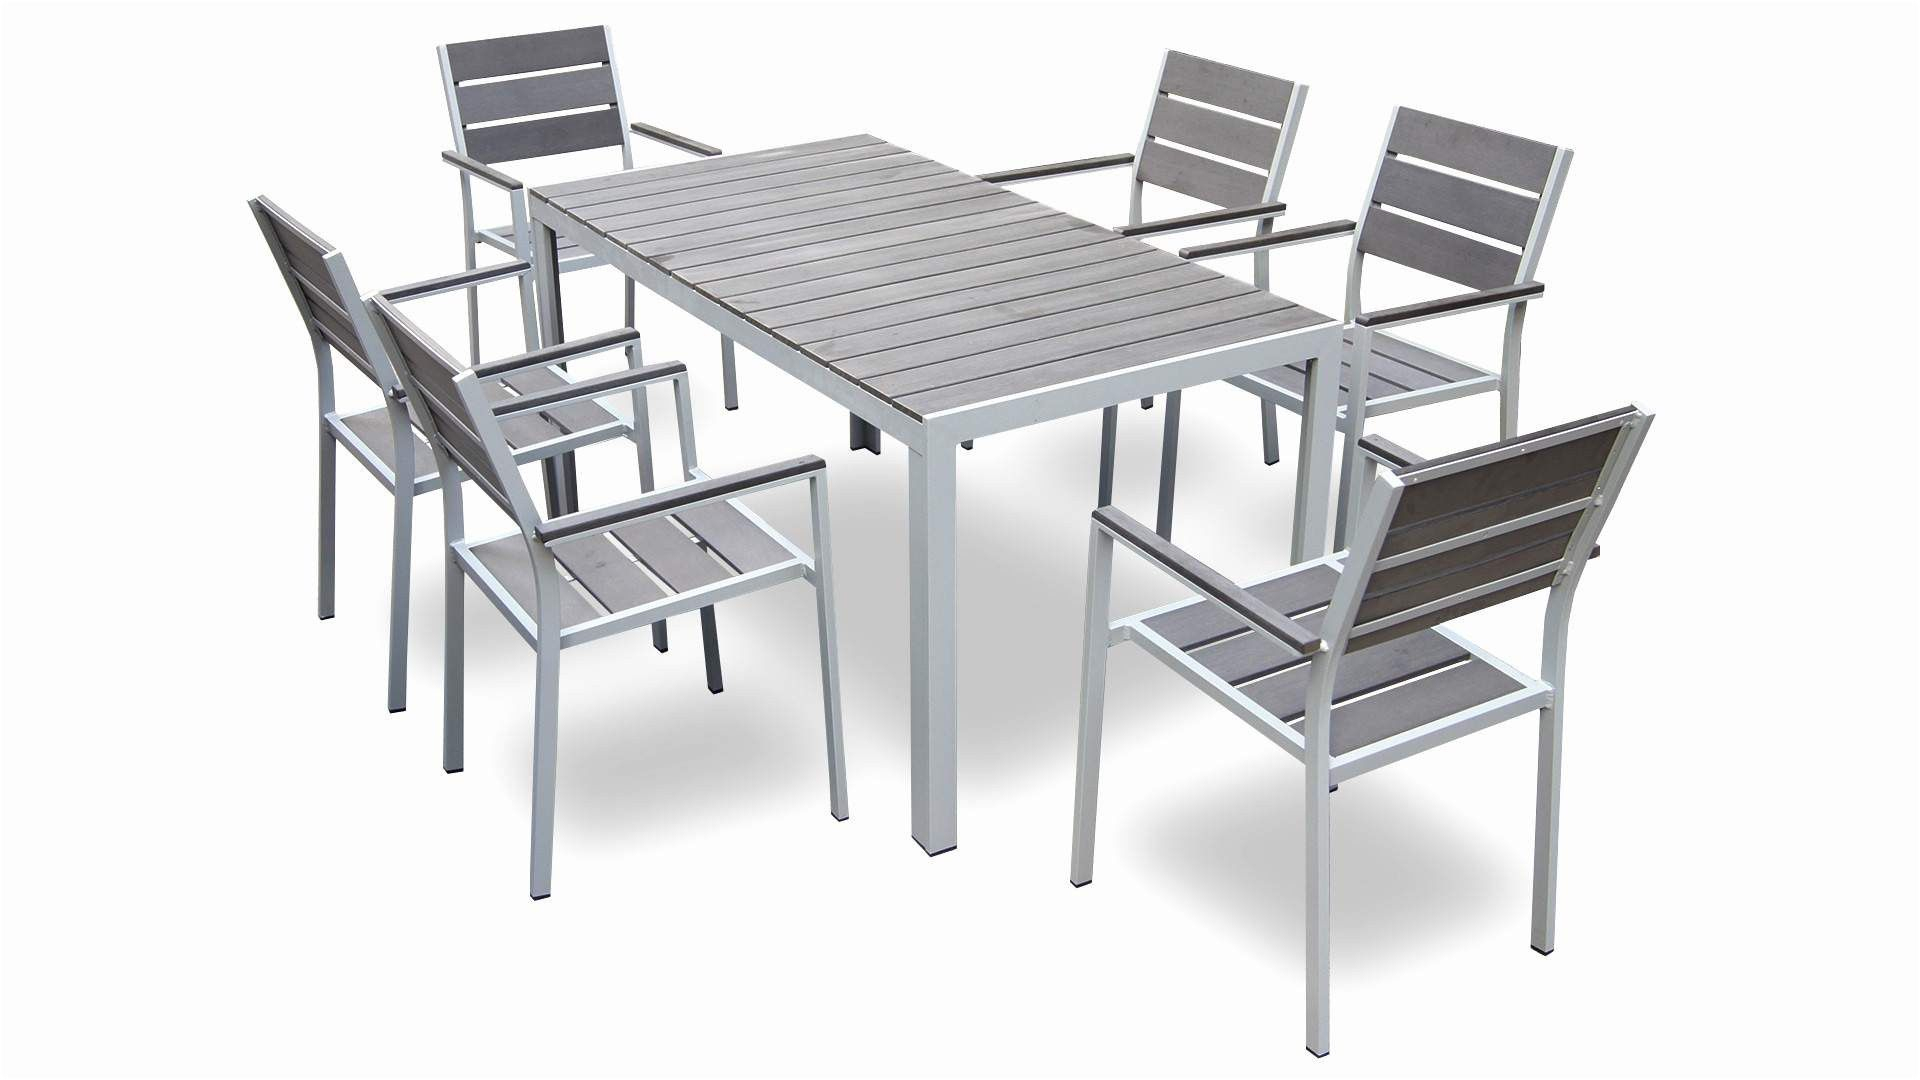 Chaise De Jardin Pas Cher Table Et Chaise Jardin Pas Cher ... encequiconcerne Table De Jardin Extensible Pas Cher